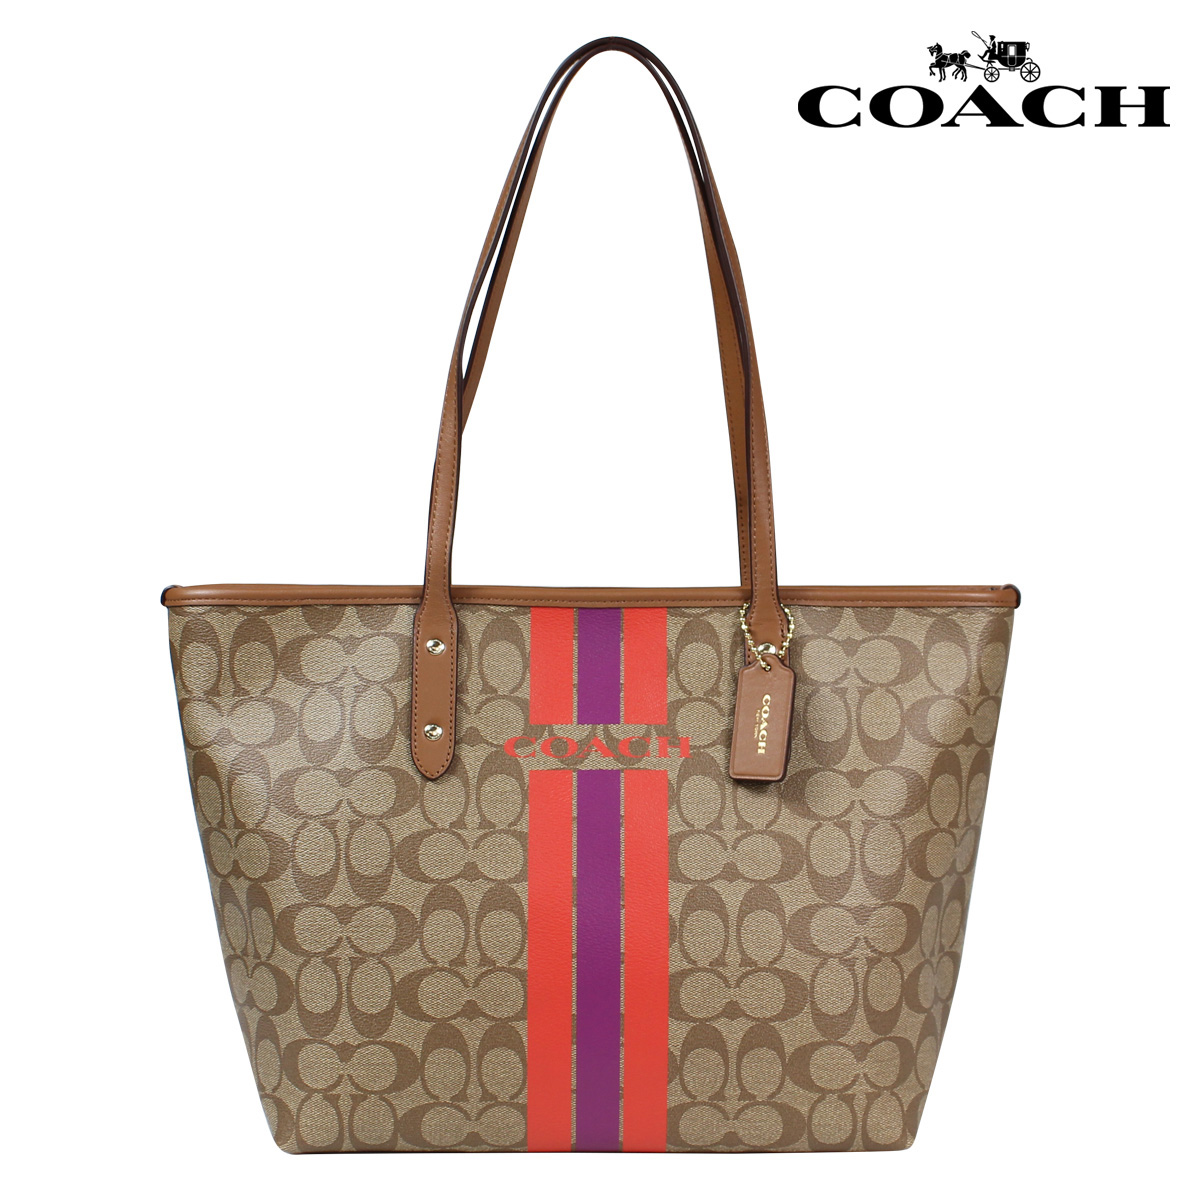 201a71b86b4e COACH コーチ『COACH』とは馬車という意味...コーチ は1941年アメリカにて誕生したブランドで、マイルス?カーン、リリアン?カーン夫妻らが創設者である。